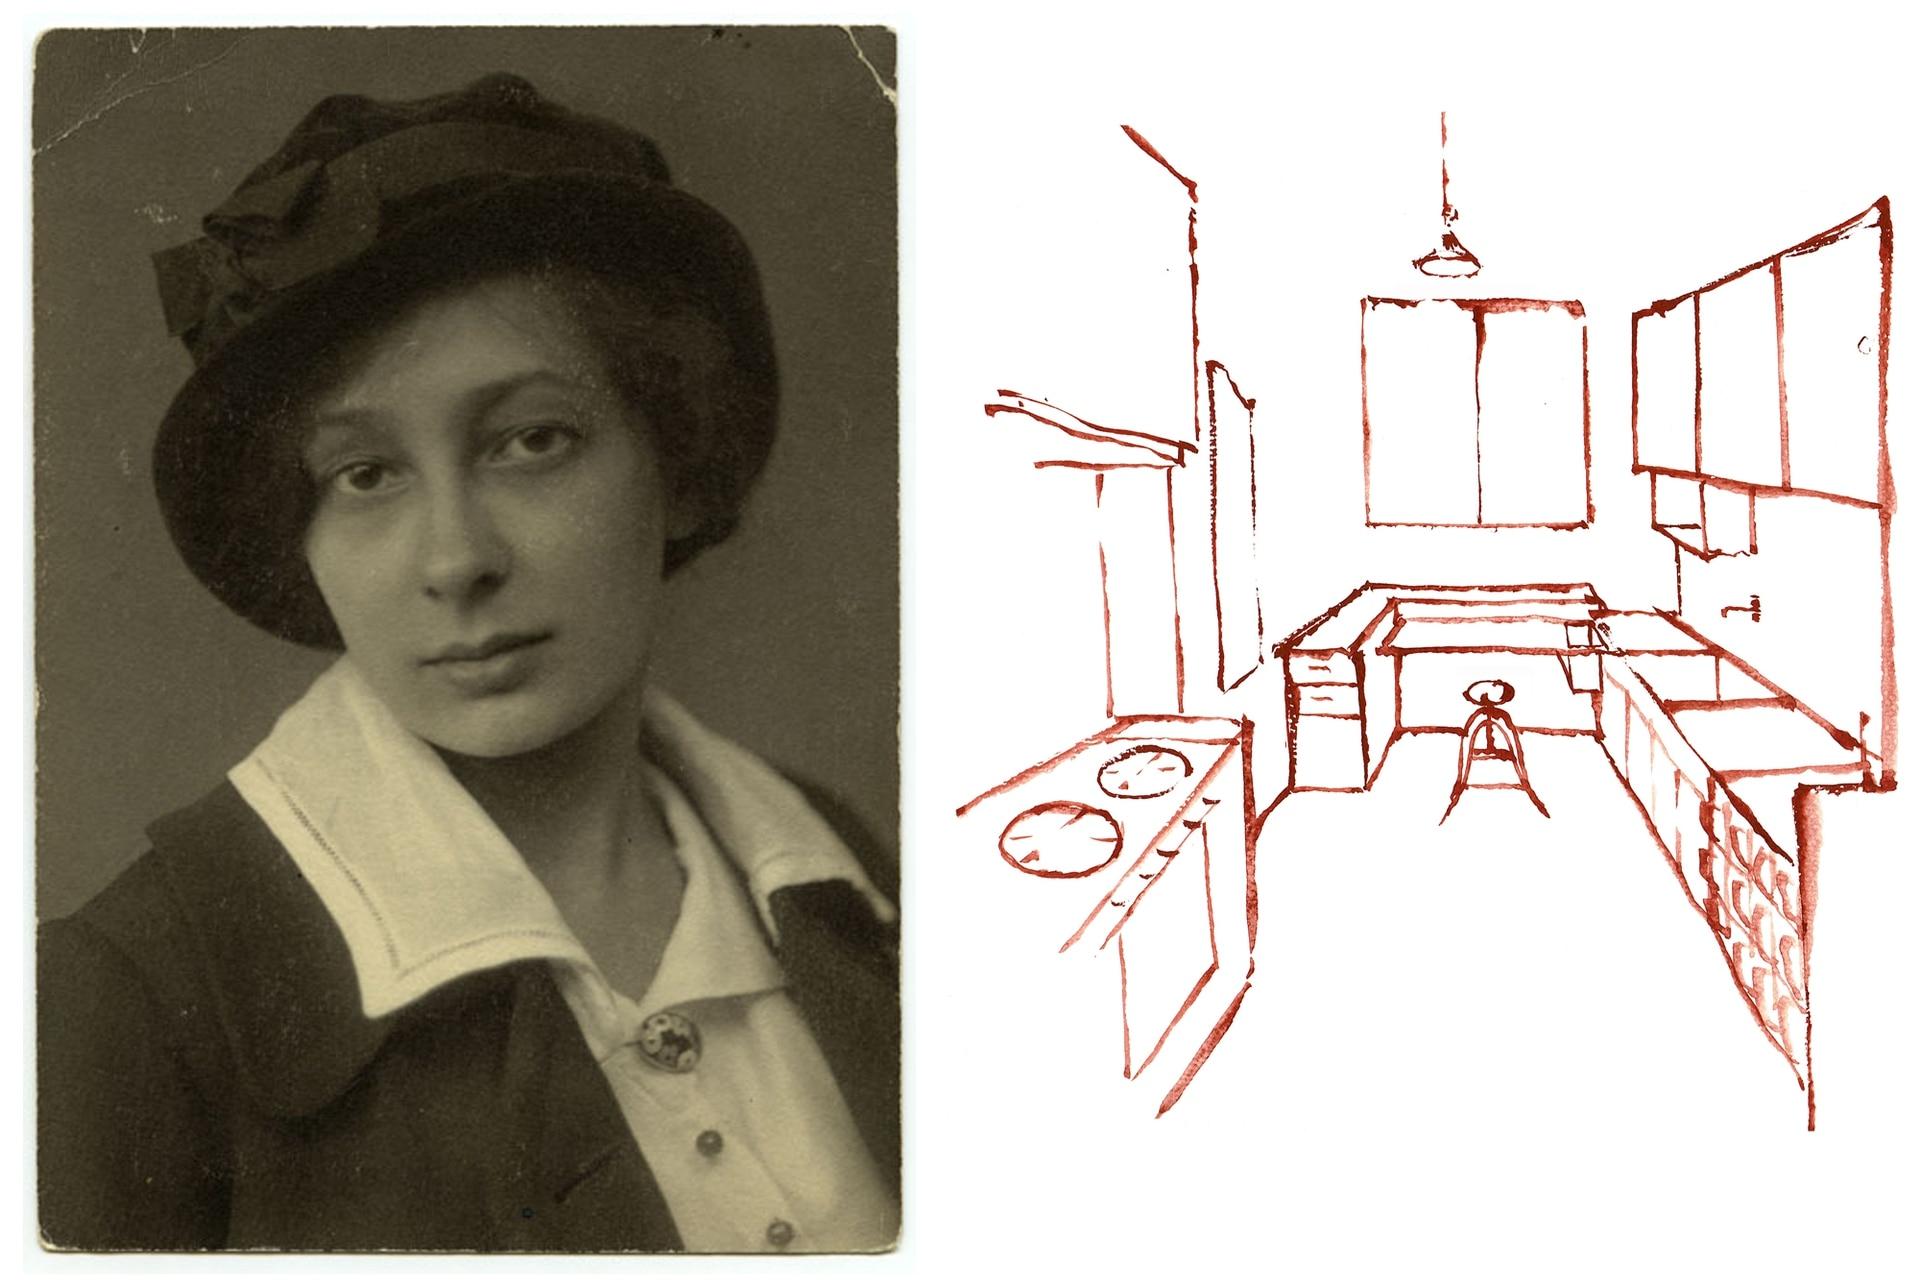 Retrato de Margarete Schütte-Lihotzky en su juventud, cuando ya había logrado atravesar el techo de cristal (templado) que significaba no solo haberse recibido de arquitecta sino trabajar como tal en grandes proyectos sociales. Al lado, otro croquis realizado por Musas de Vanguardia en base al proyecto.